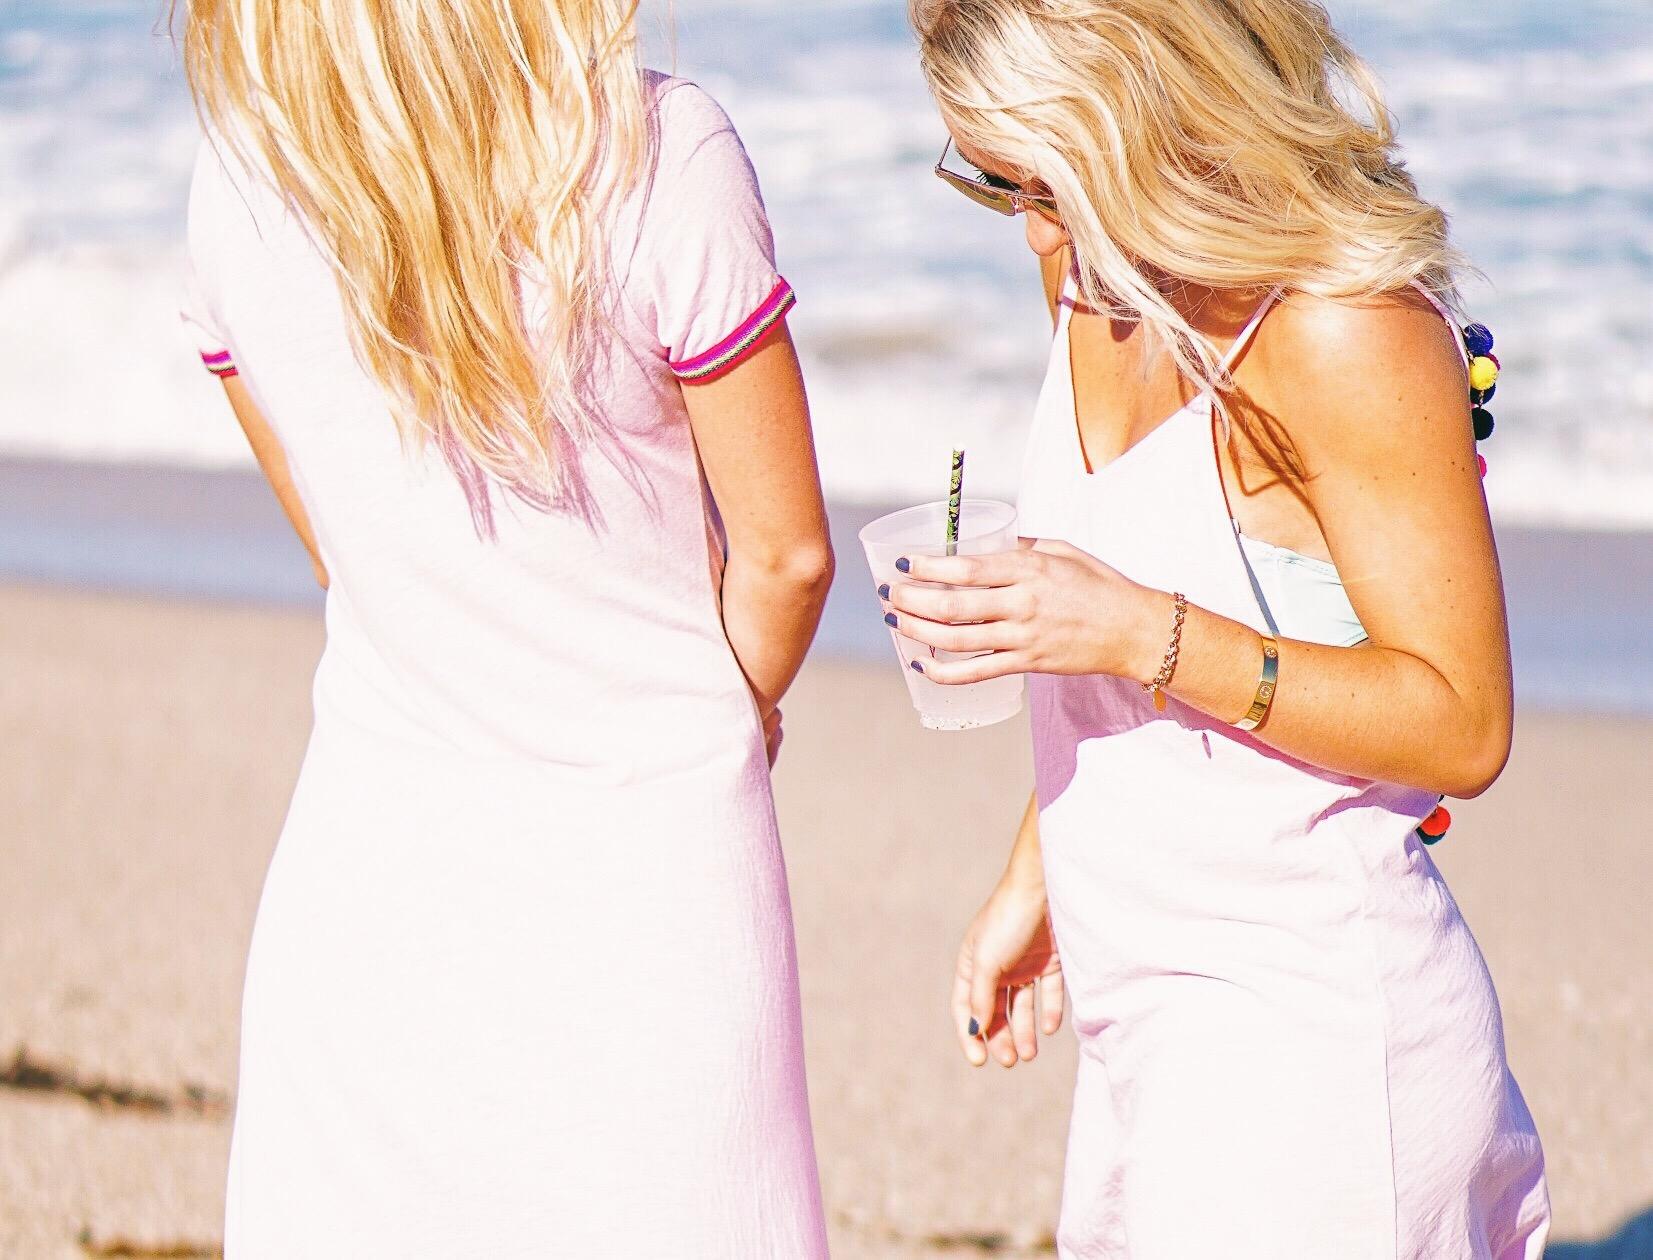 Pitusa pom pom dress and flamingo cups